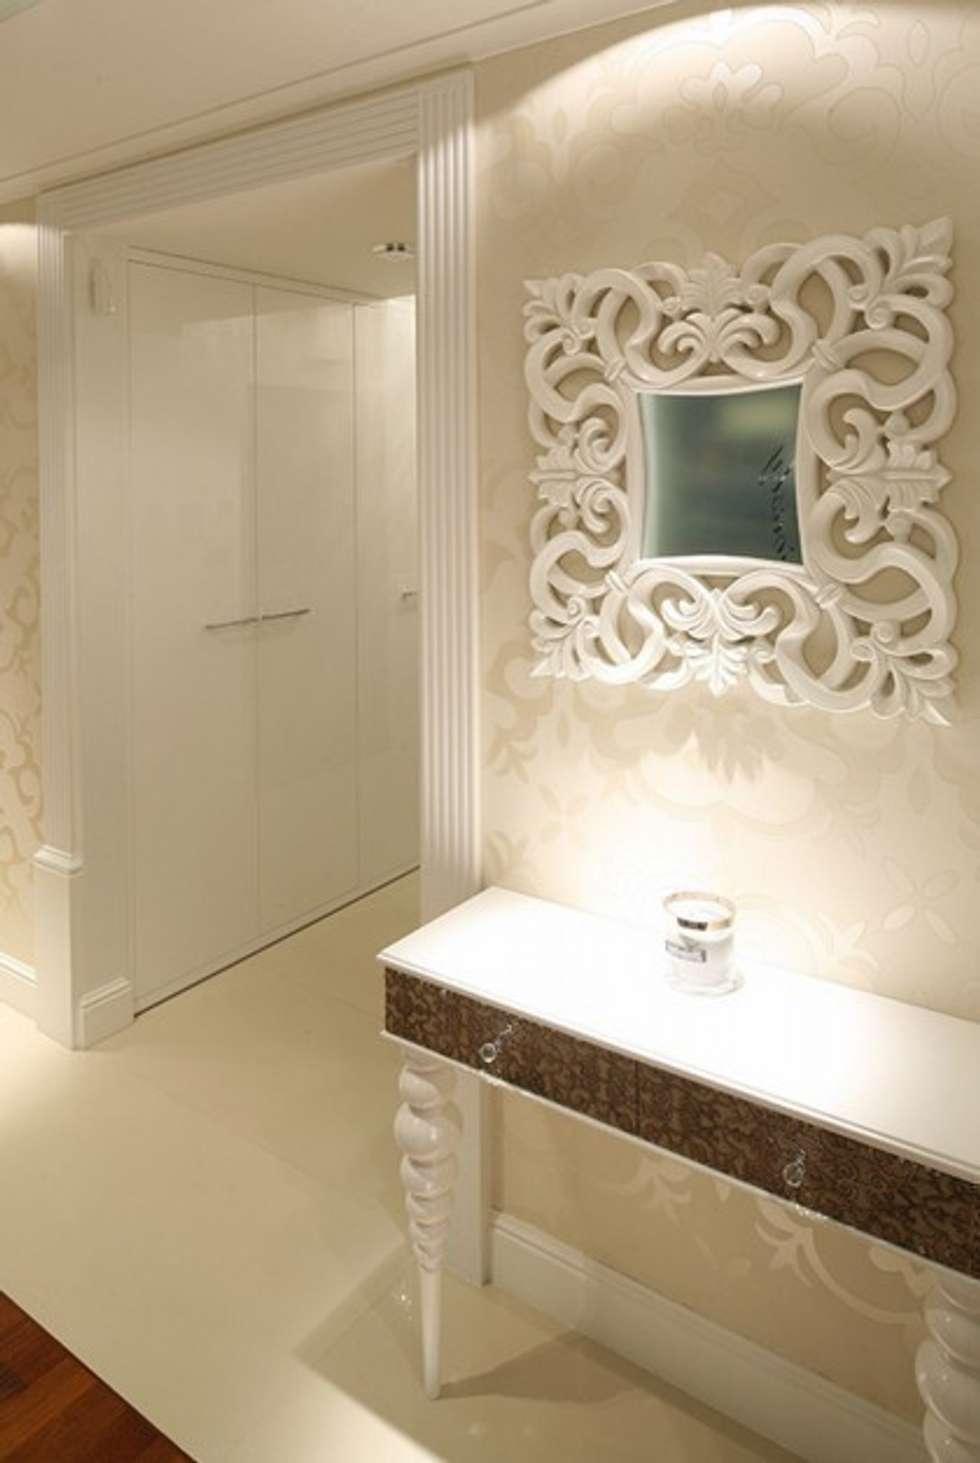 Hall . Nowoczesny glamour.: styl , w kategorii Korytarz, przedpokój zaprojektowany przez CAROLINE'S DESIGN